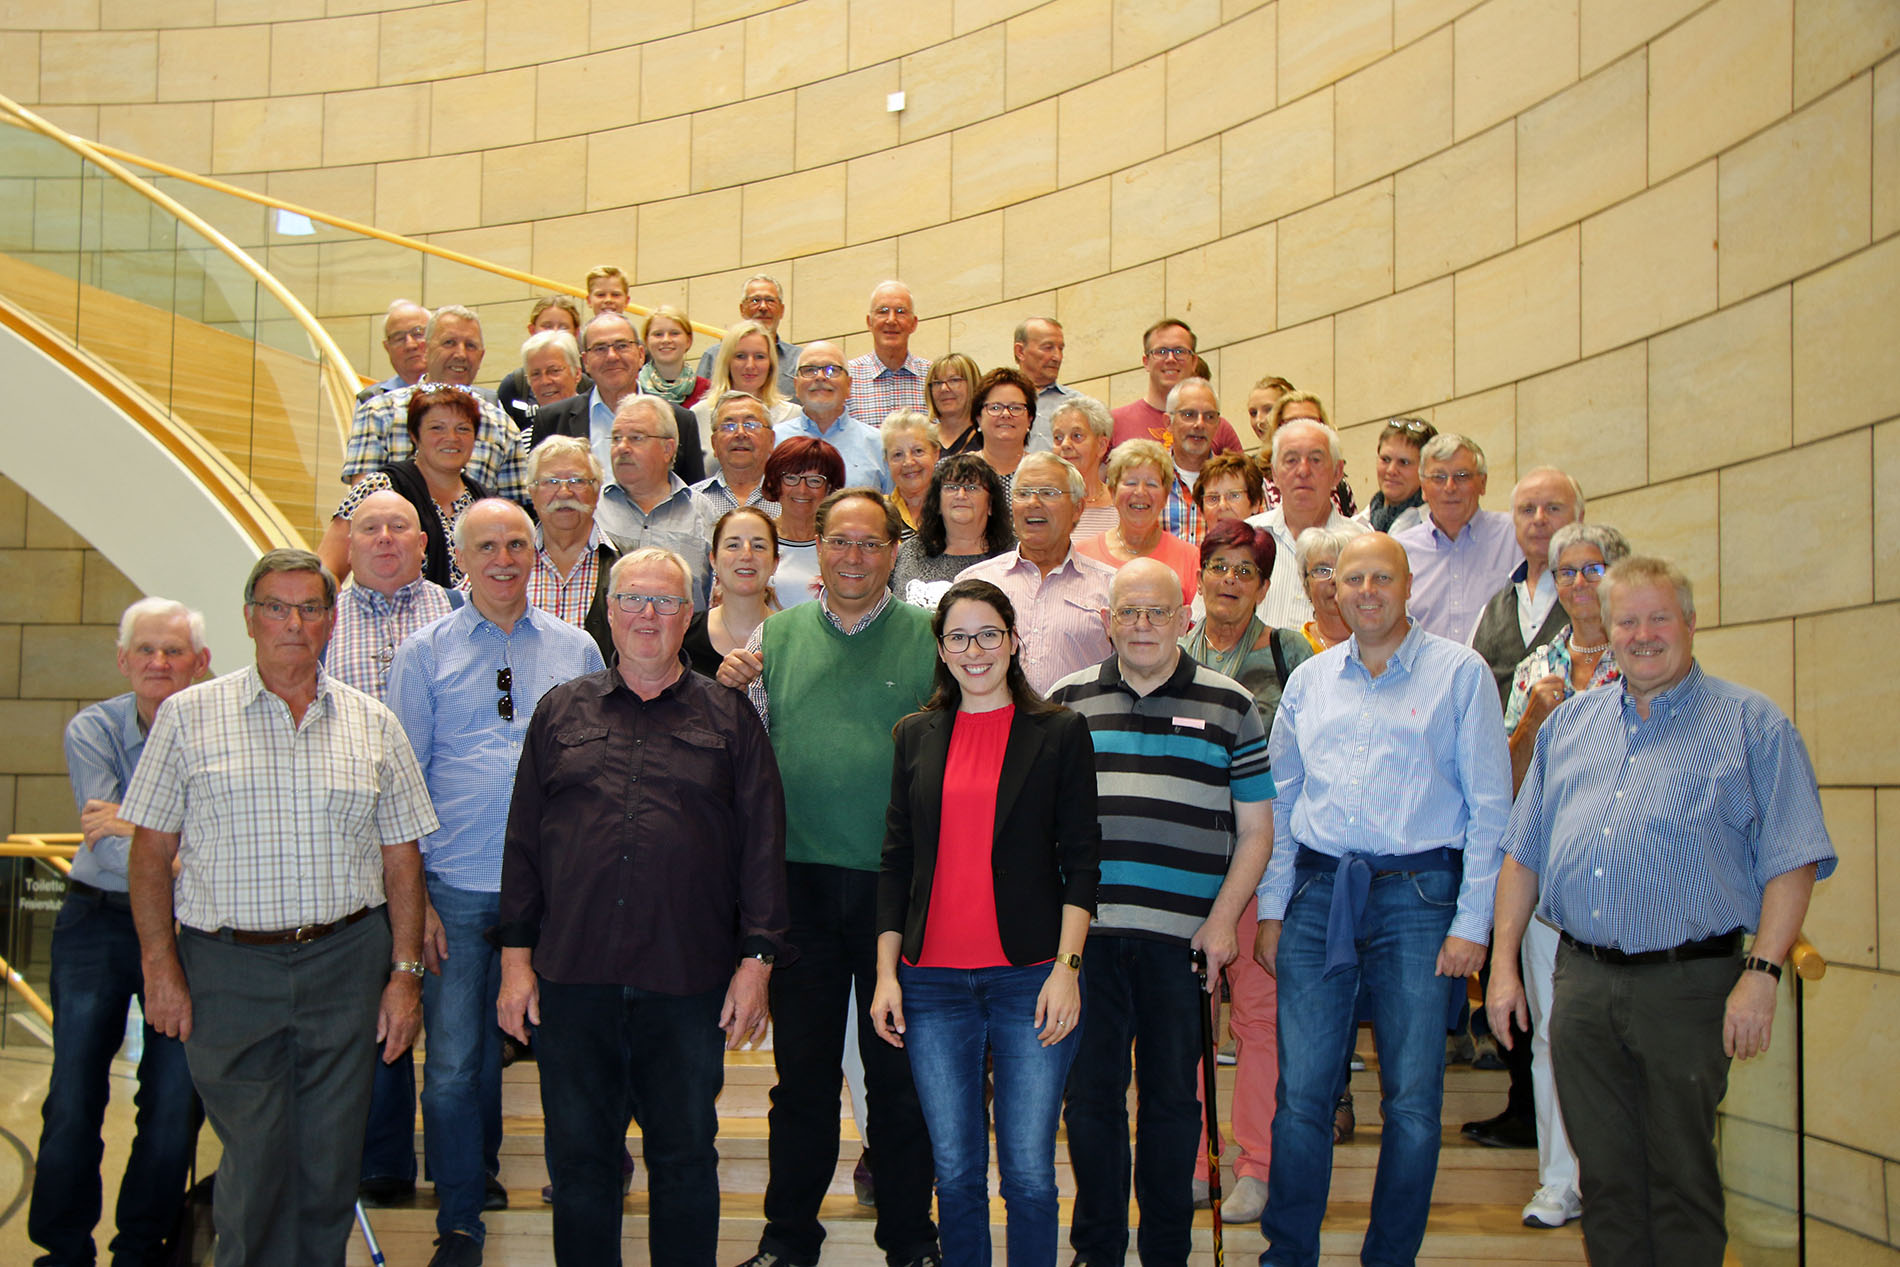 """Die """"Quartettverein-Familie"""" besuchte ihre diesjährige Schirmherrin Romina Plonsker MdL (Bildmitte) im Düsseldorfer Landtag und verbrachte einen sehr schönen gemeinsamen Tag. (Fotos: Bastian Schlößer)"""